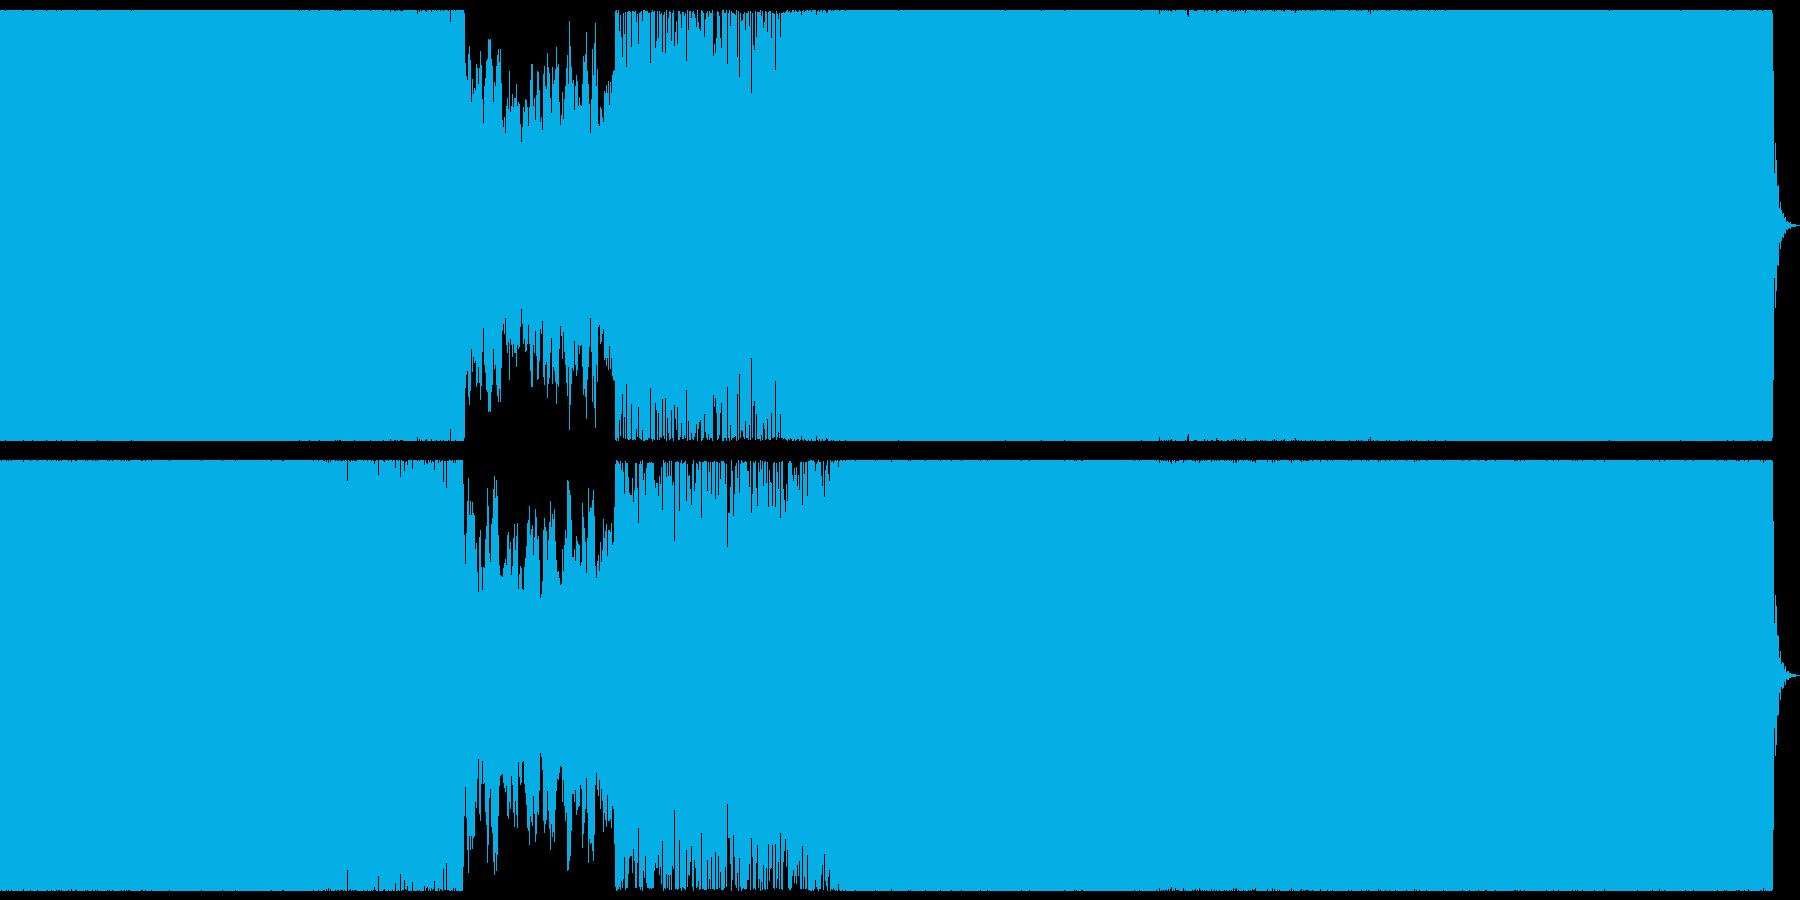 ダークで激しいトランス風戦闘系BGMの再生済みの波形